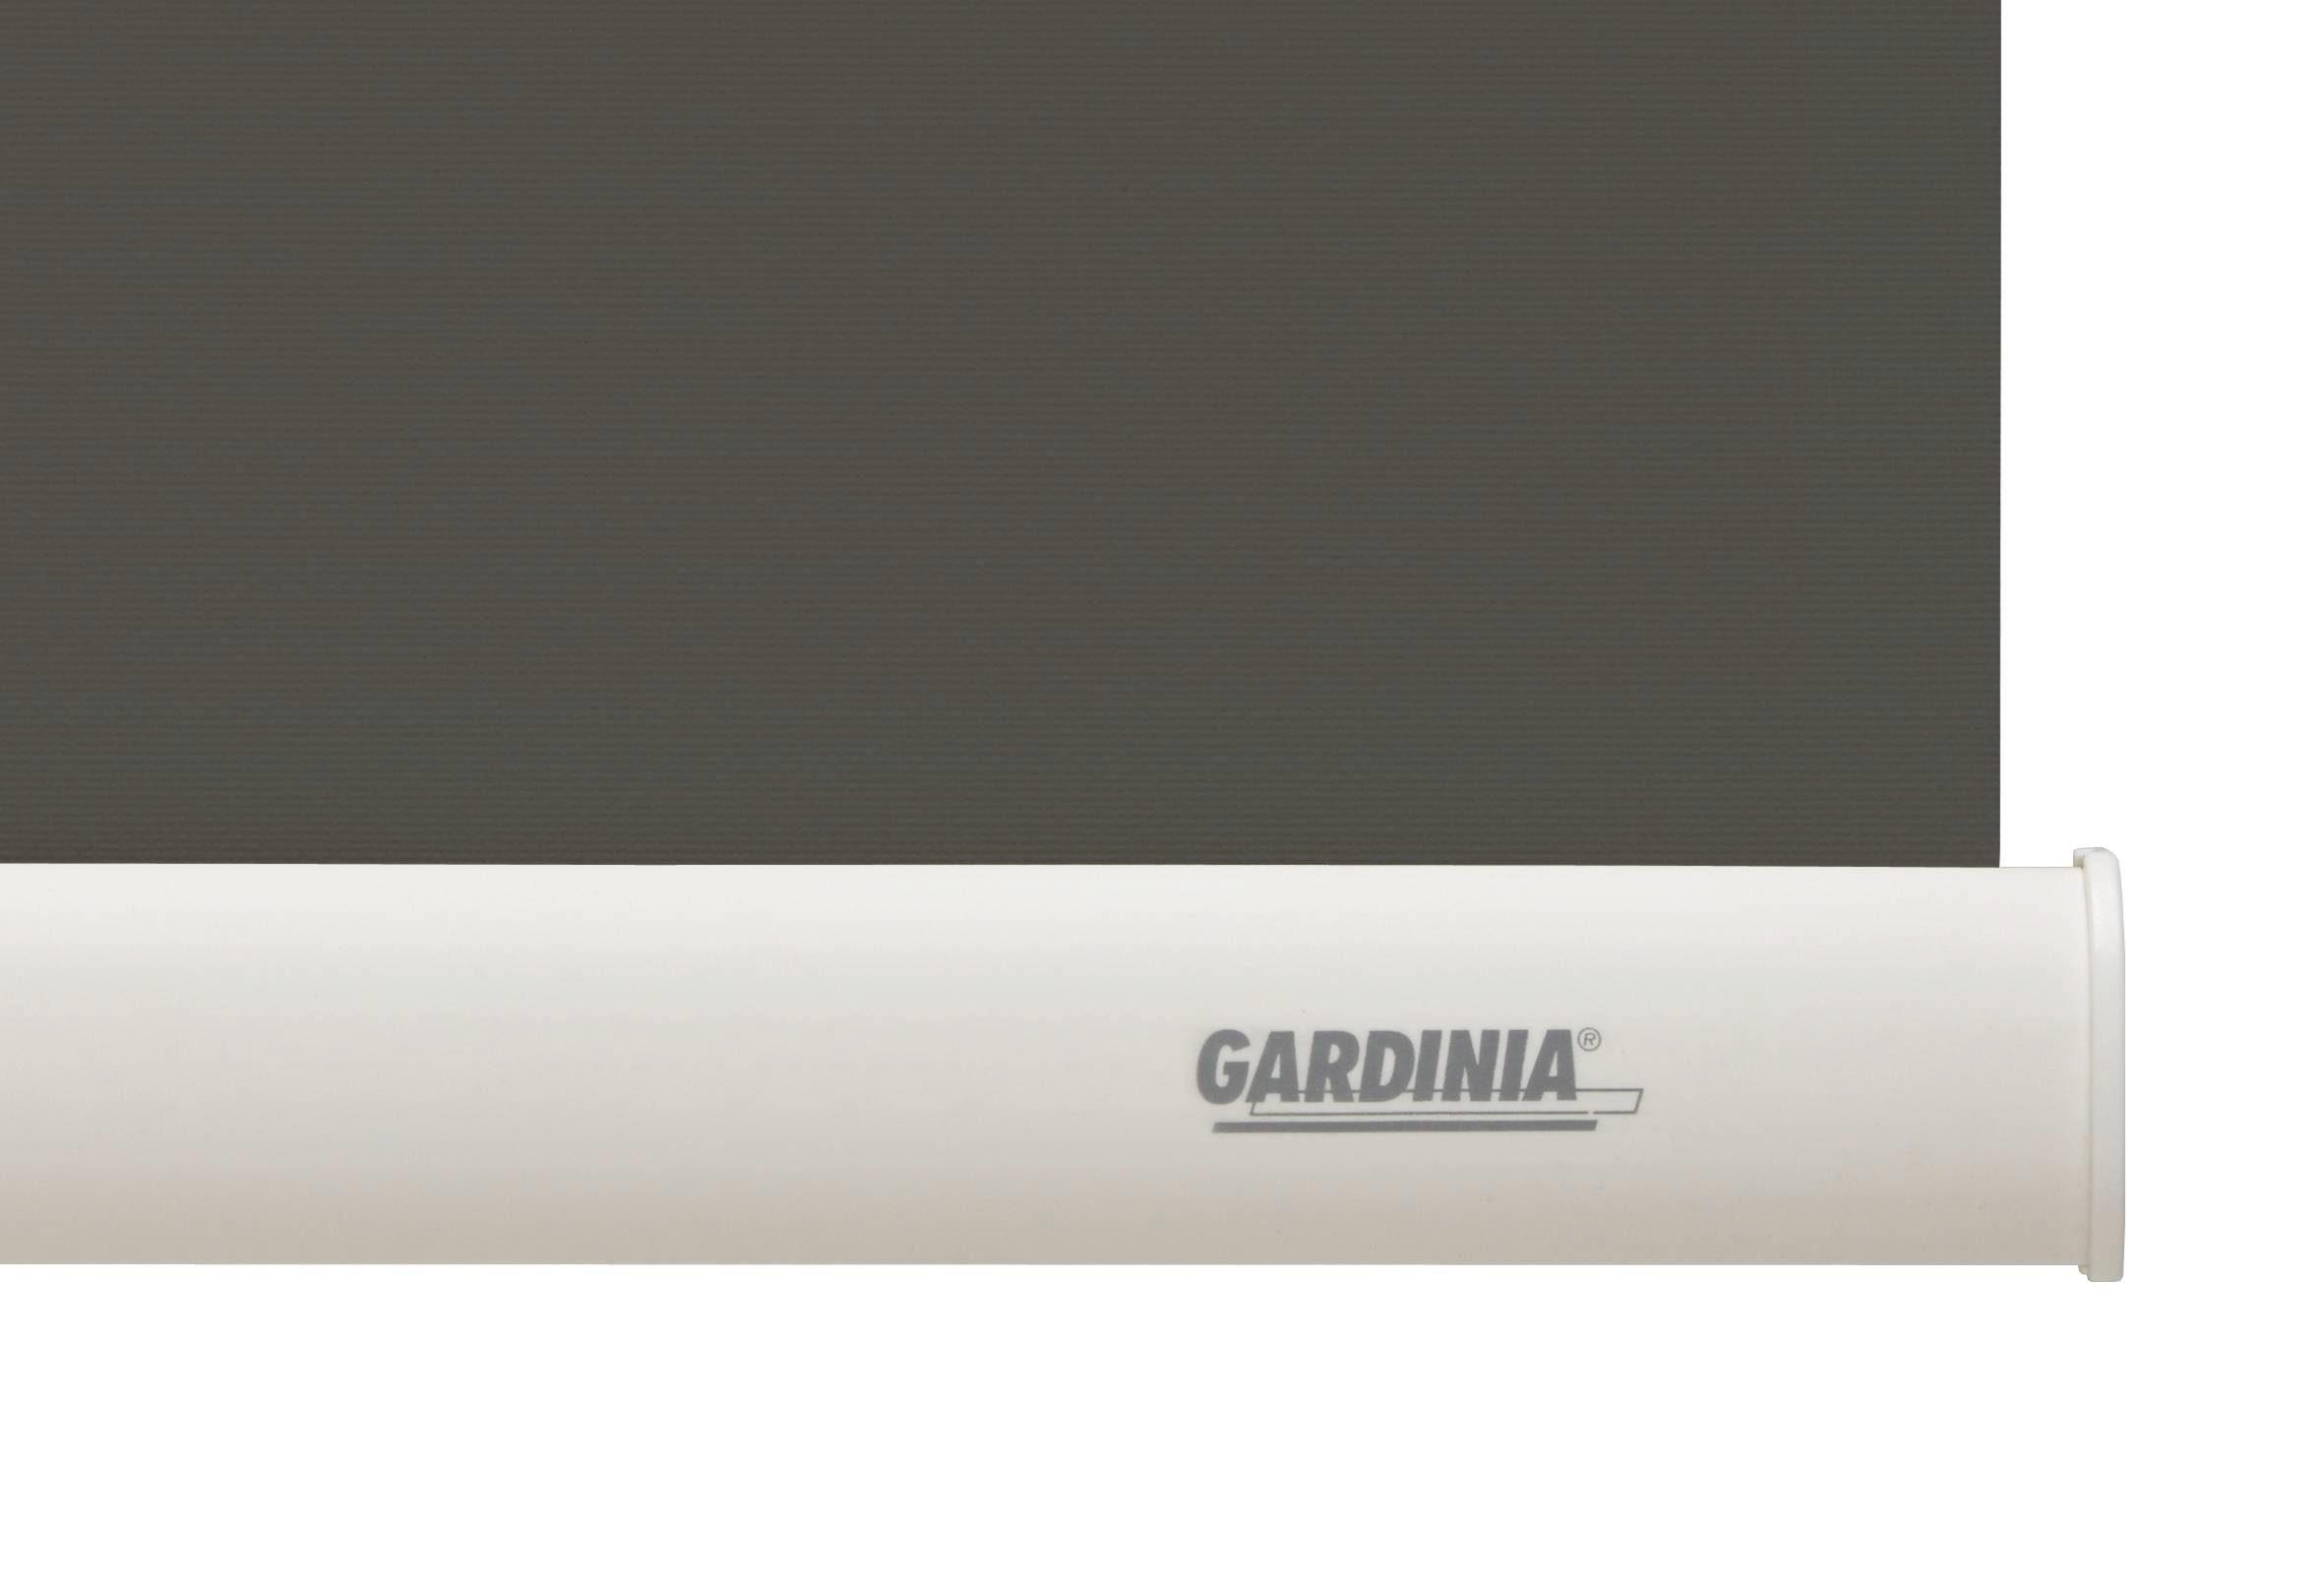 Seitenzugrollo Seitenzugrollo Lichtdurchlässig, GARDINIA, Lichtschutz, 1 Stück, im Fixmaß online kaufen